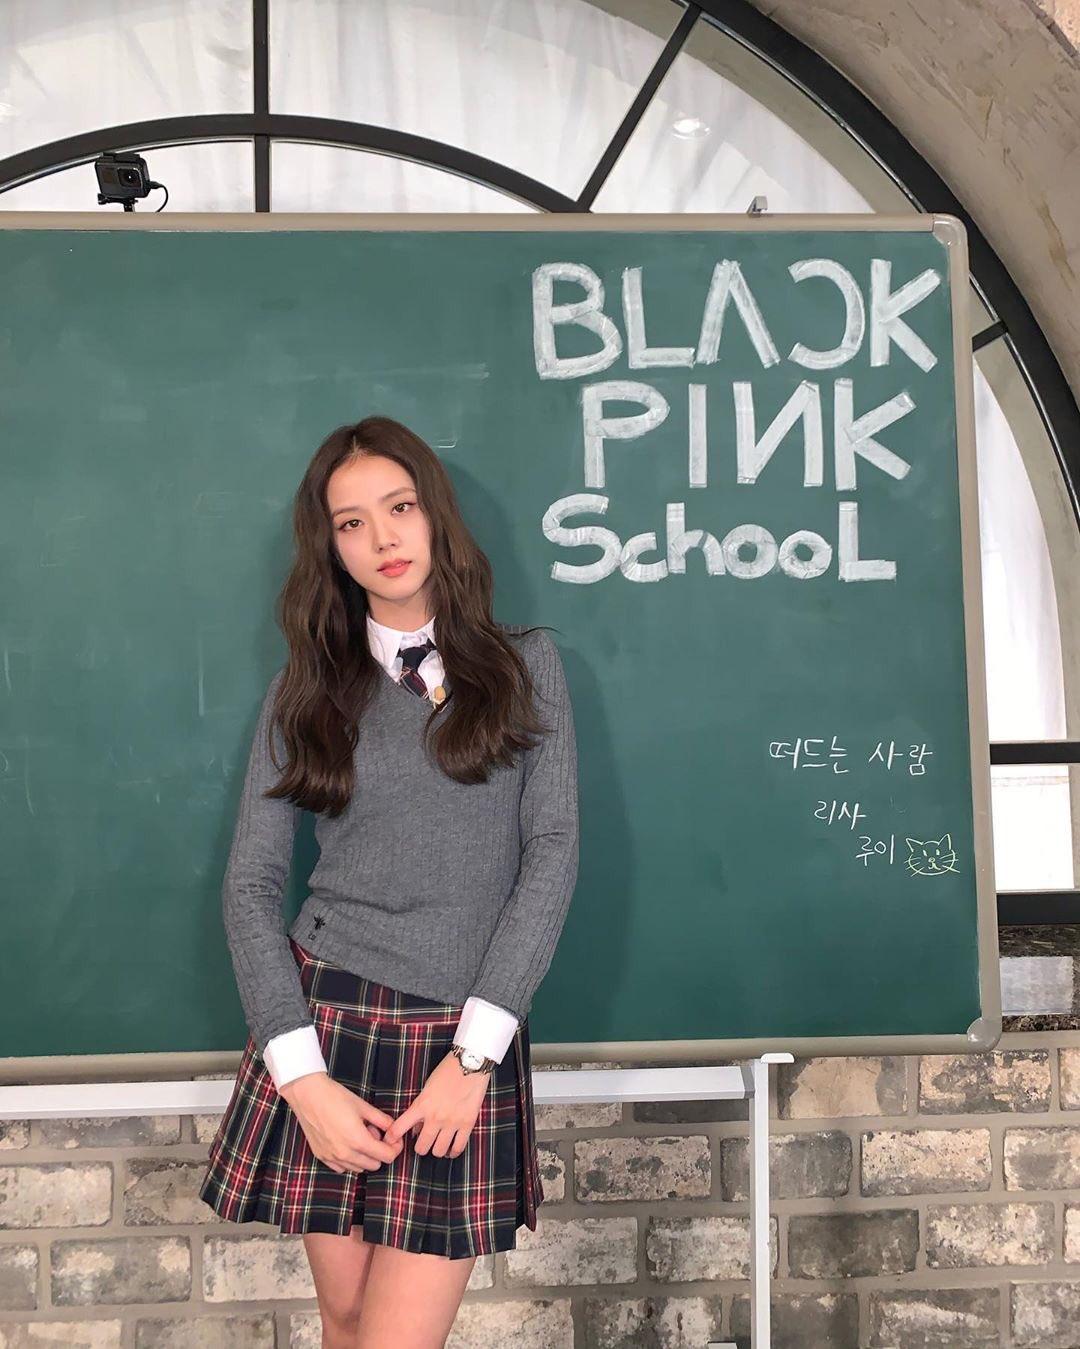 Ji Soo dược ví như một lớp trưởng mẫu mực, vừa xinh xắn vừa học giỏi.